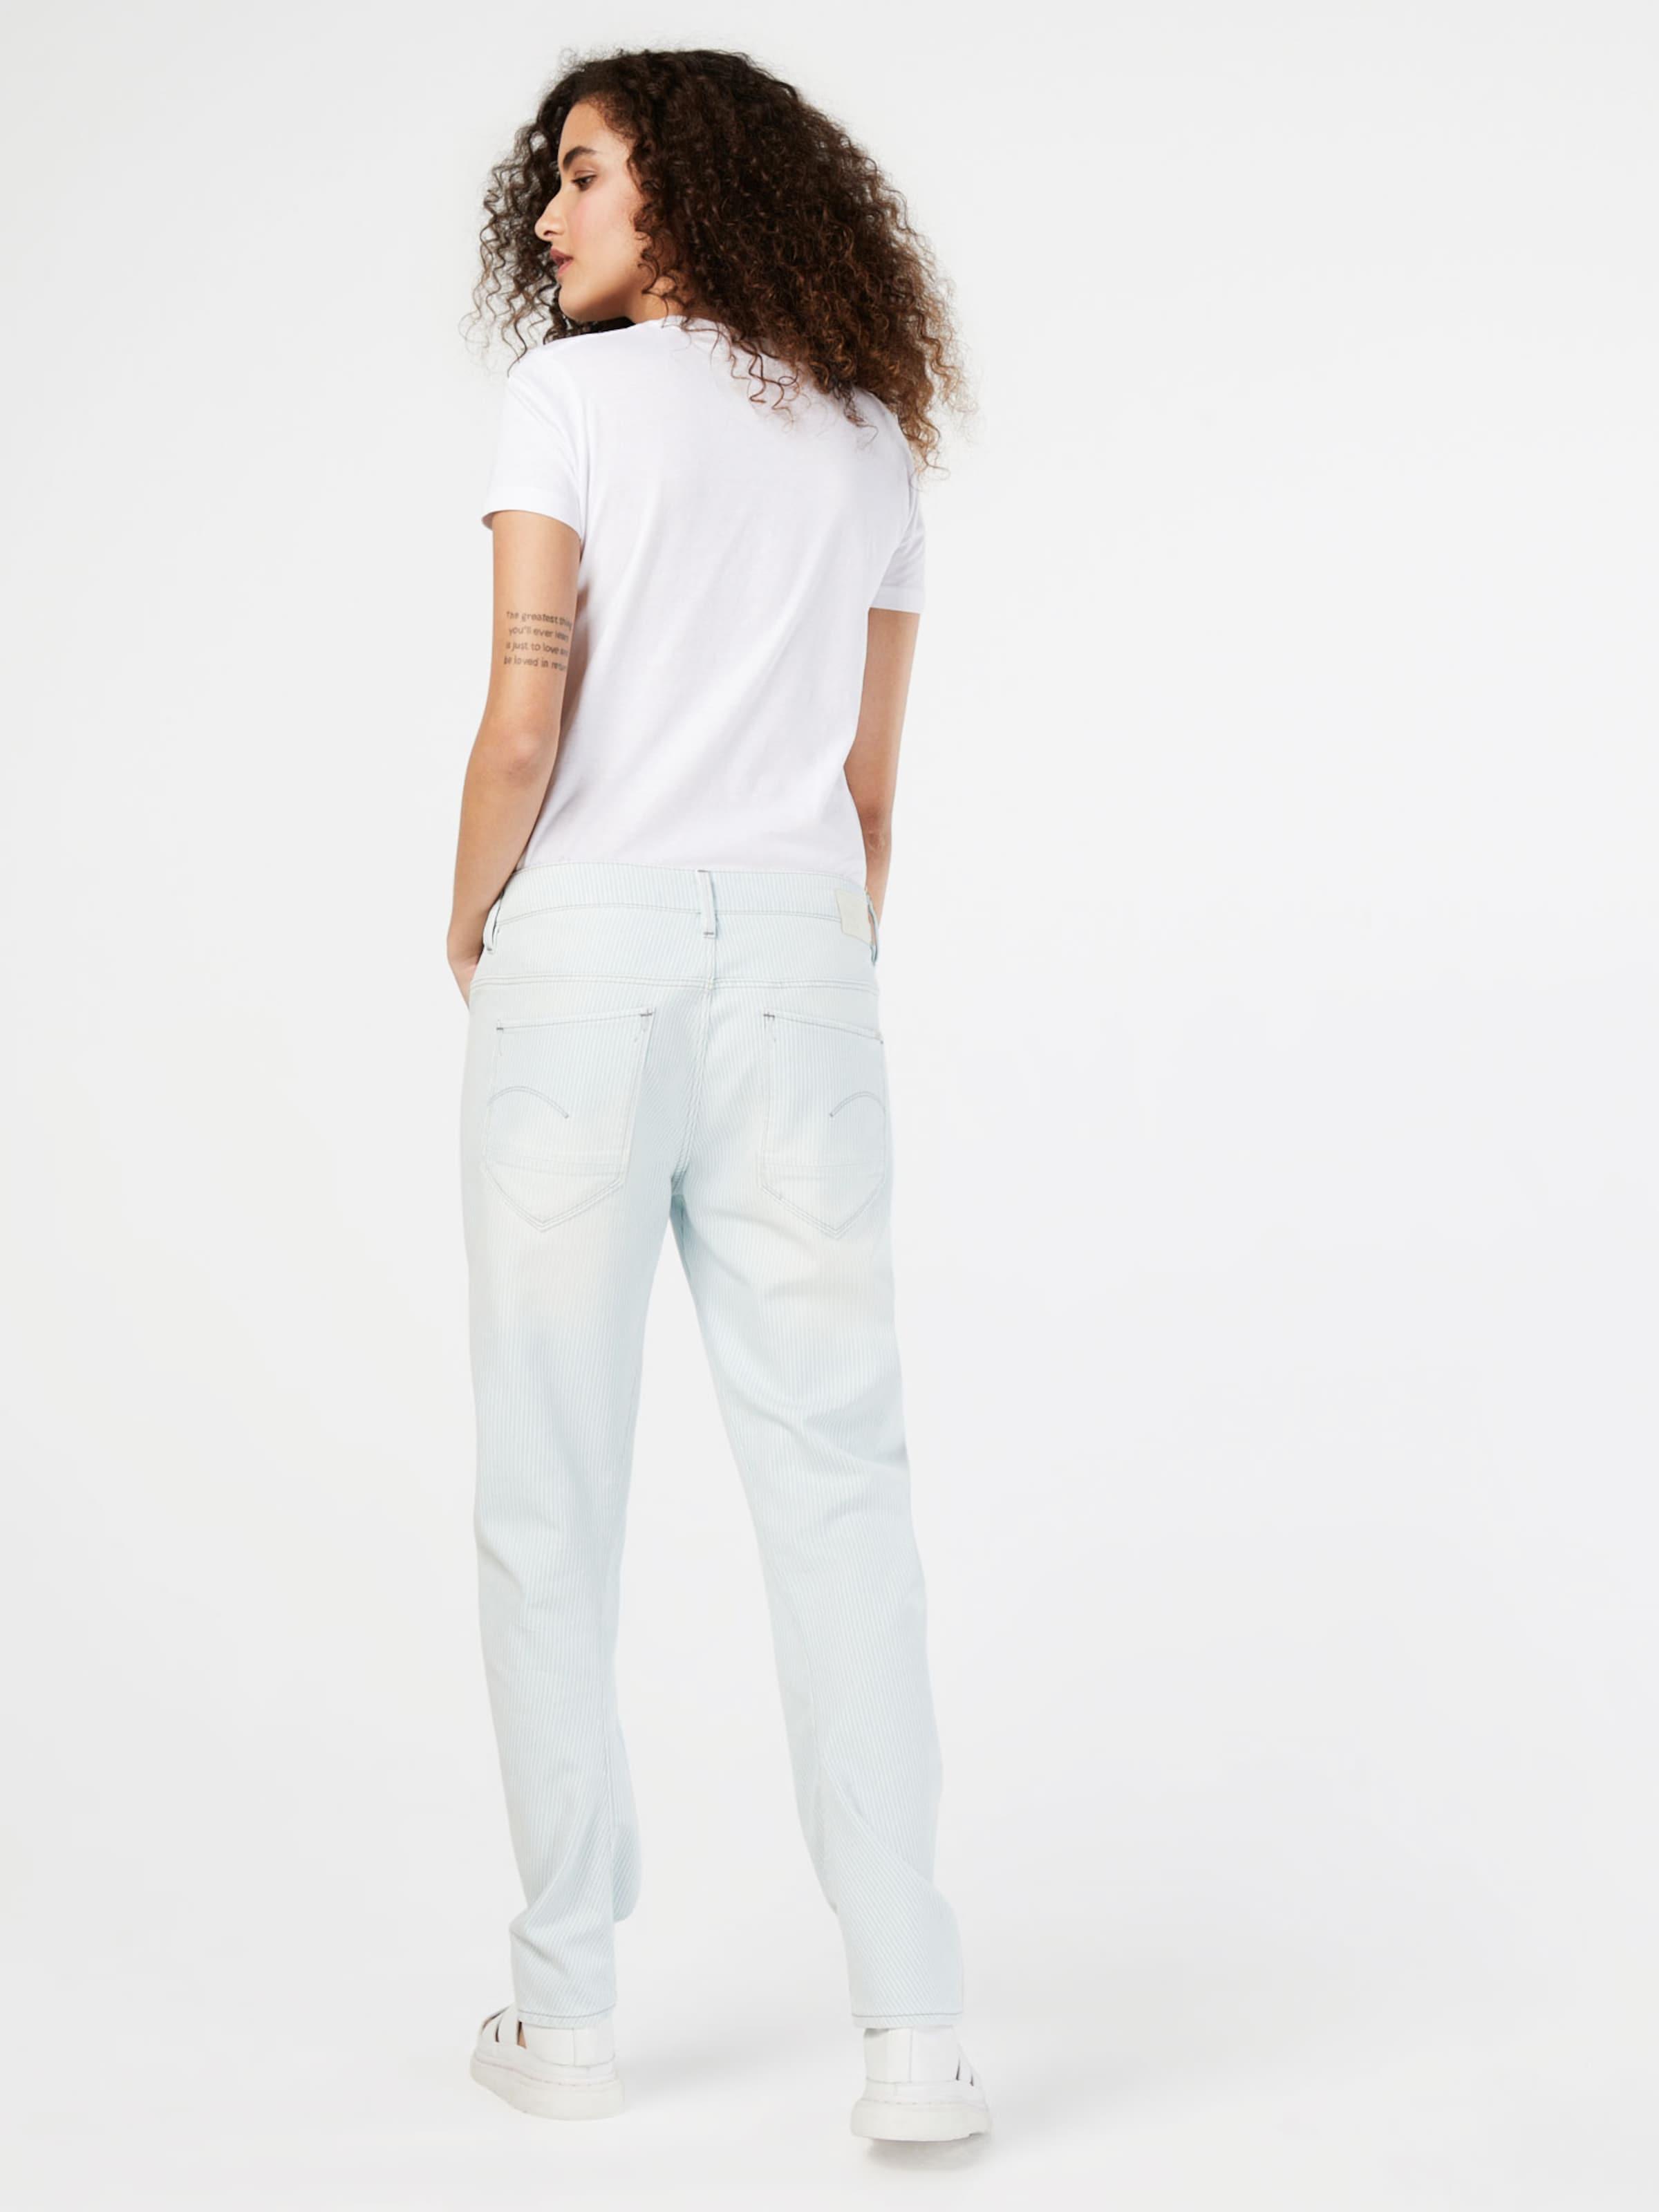 Ausgang Wählen Eine Beste Klassische Online G-STAR RAW Tapered Jeans 'Arc 3D Mid Boyfriend Wmn NEW' Shopping-Spielraum Online Durchsuche Großer Rabatt aQWd7VO